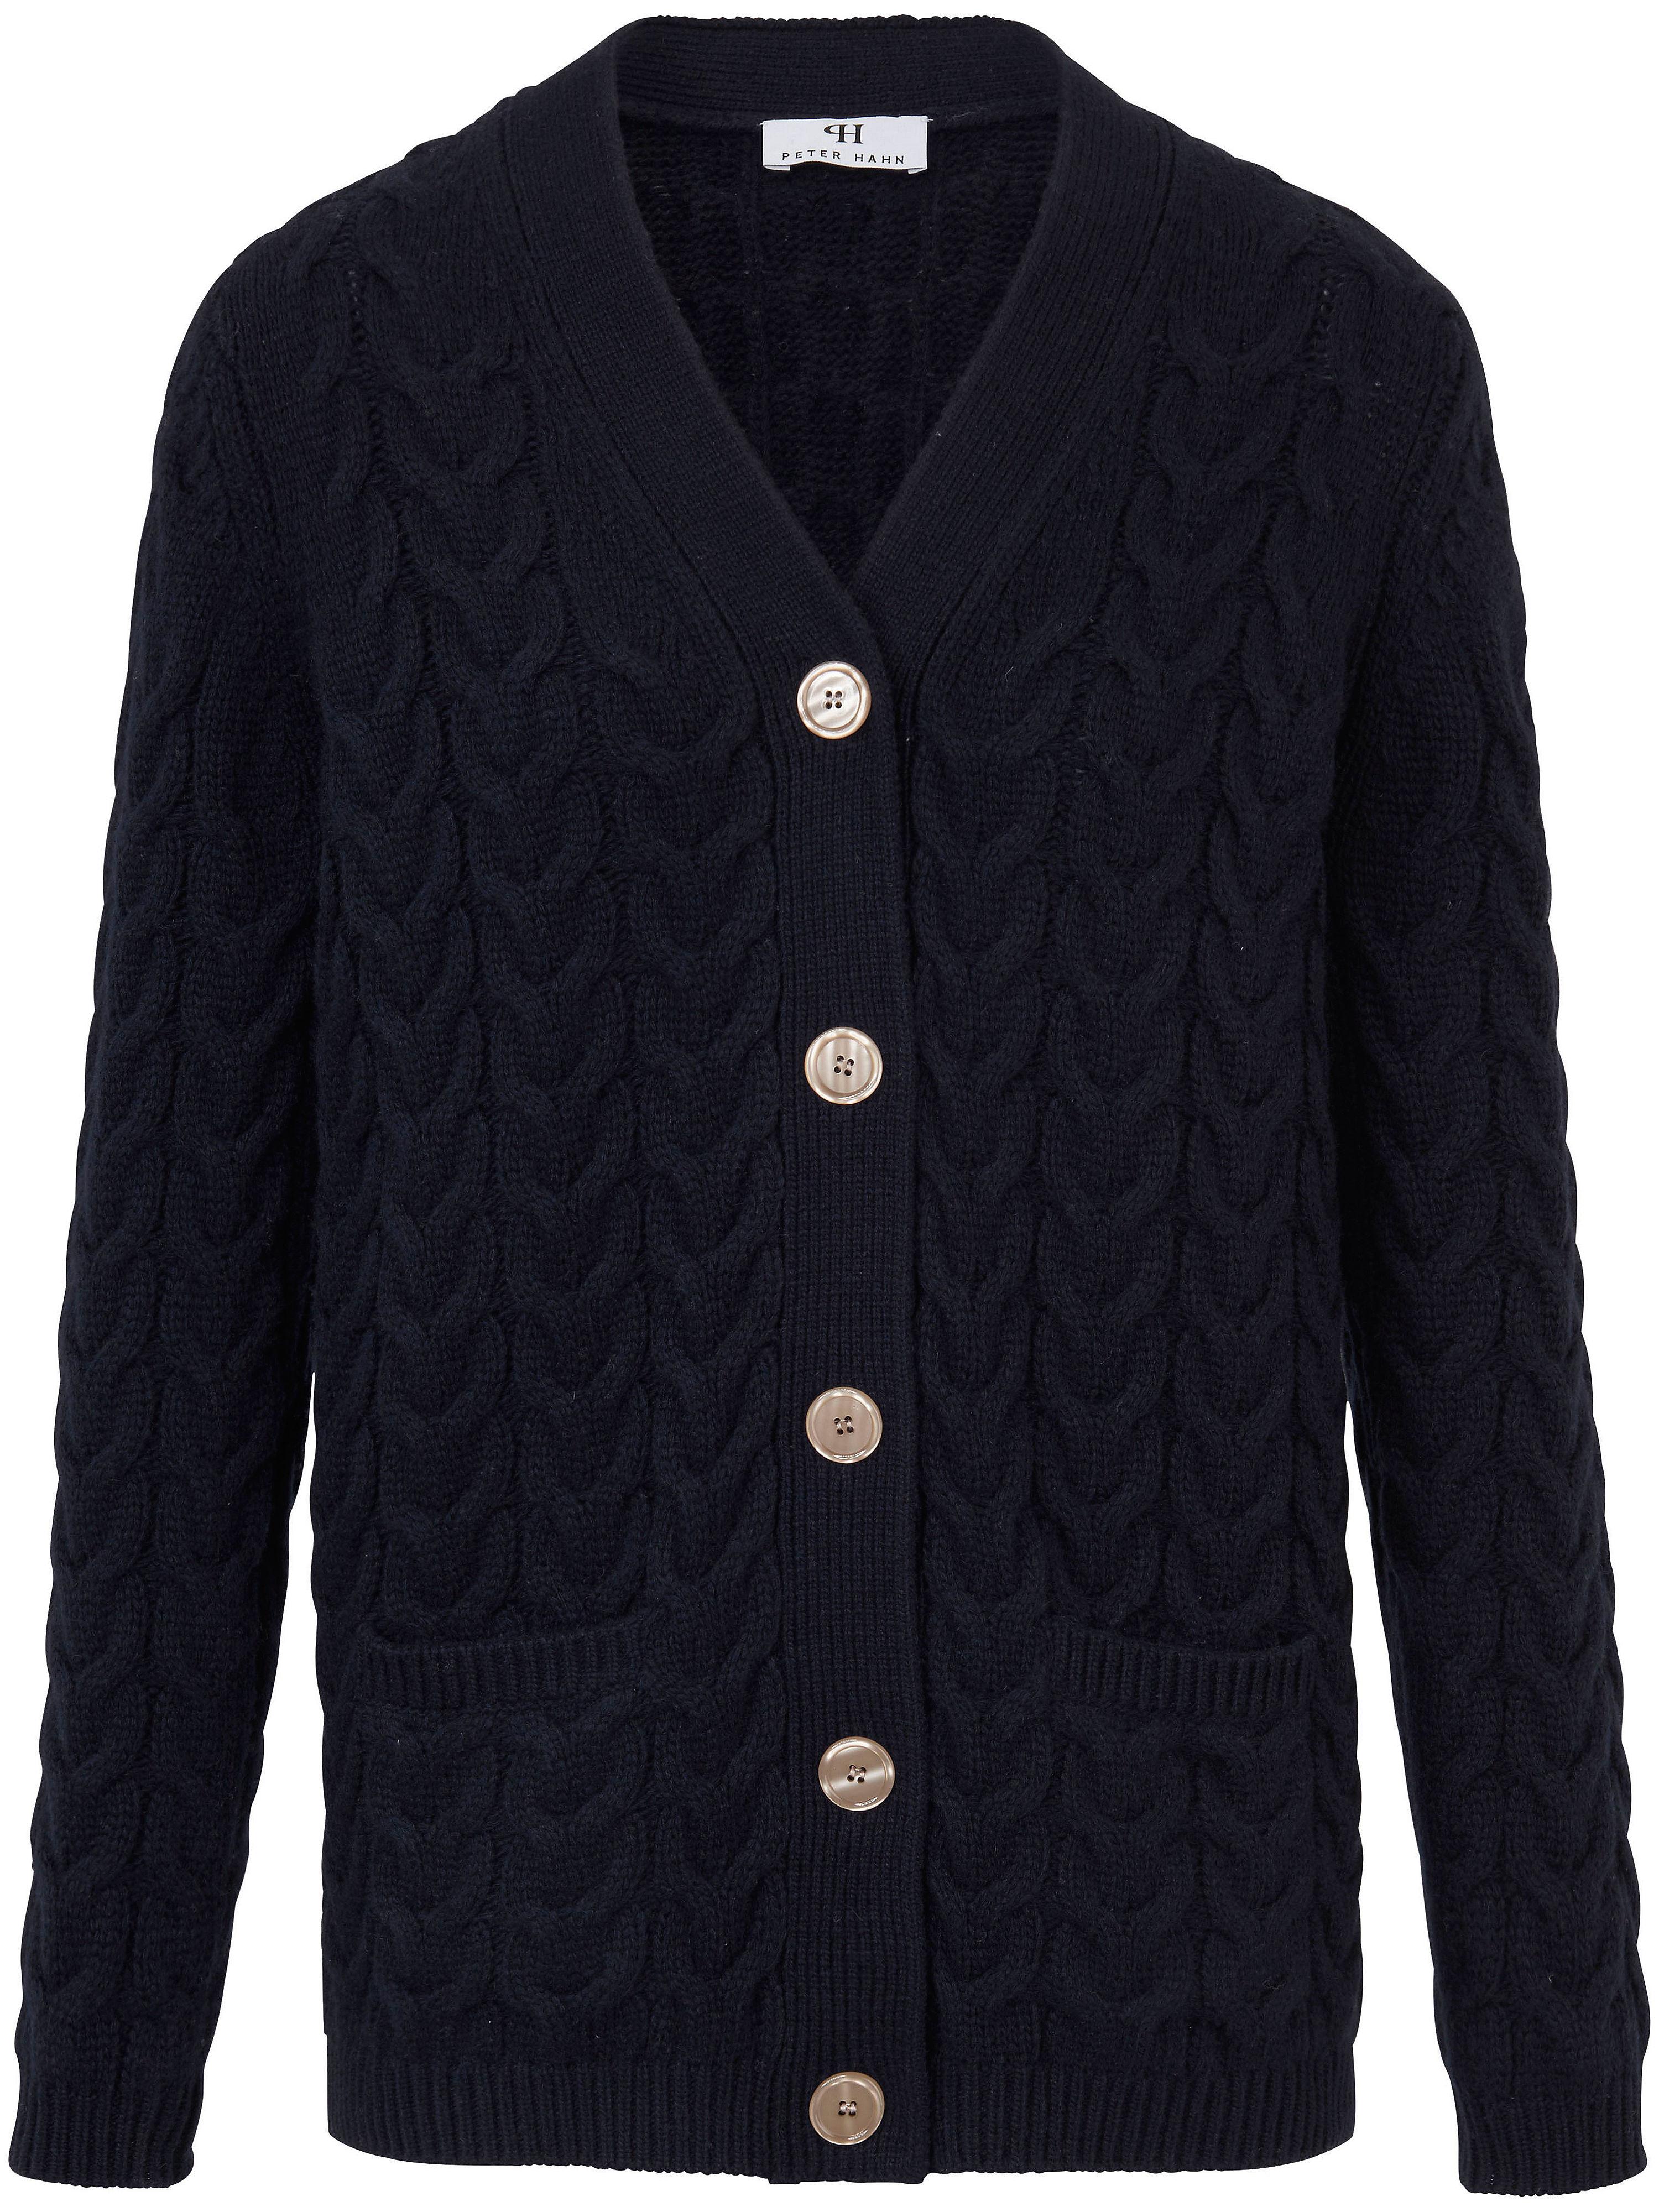 Le gilet pure laine vierge  Peter Hahn bleu taille 50